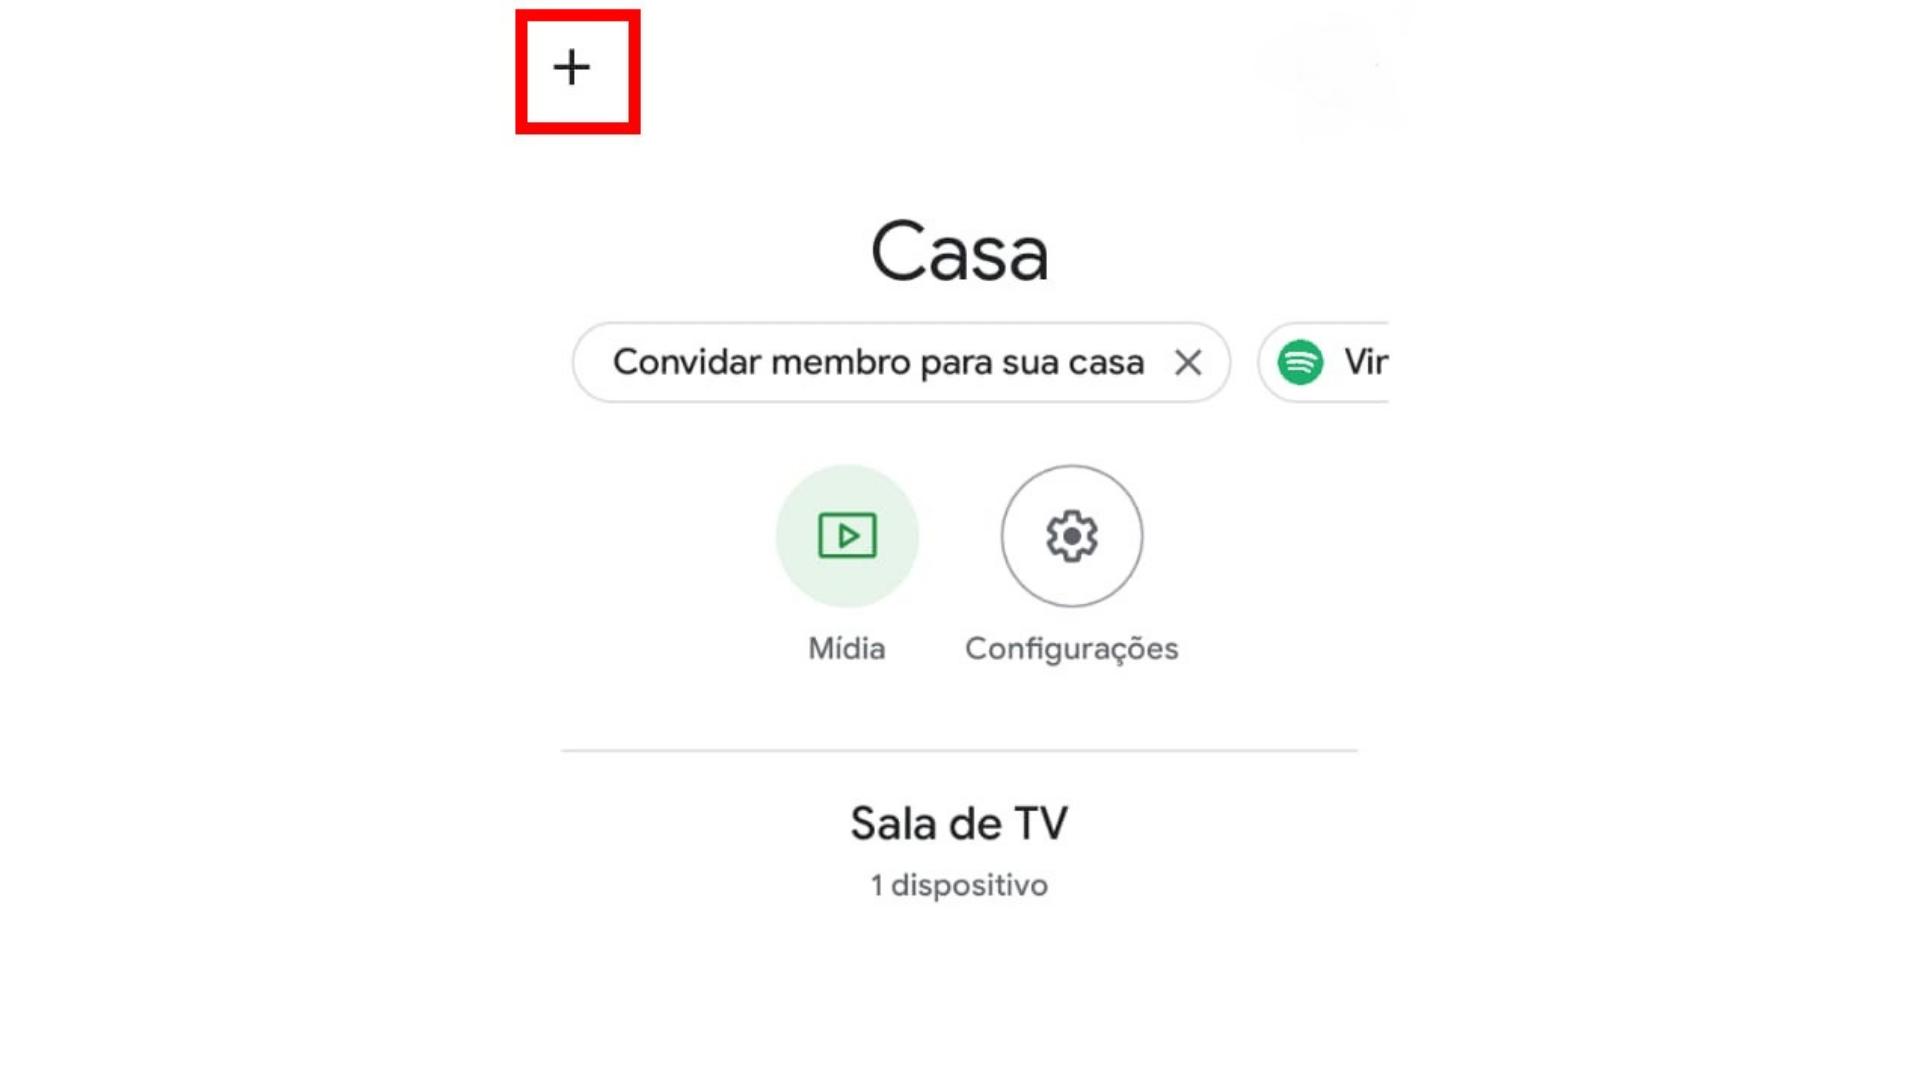 Primeiro passo para configurar Chromecast. (Imagem: Captura de tela/Chromecast)